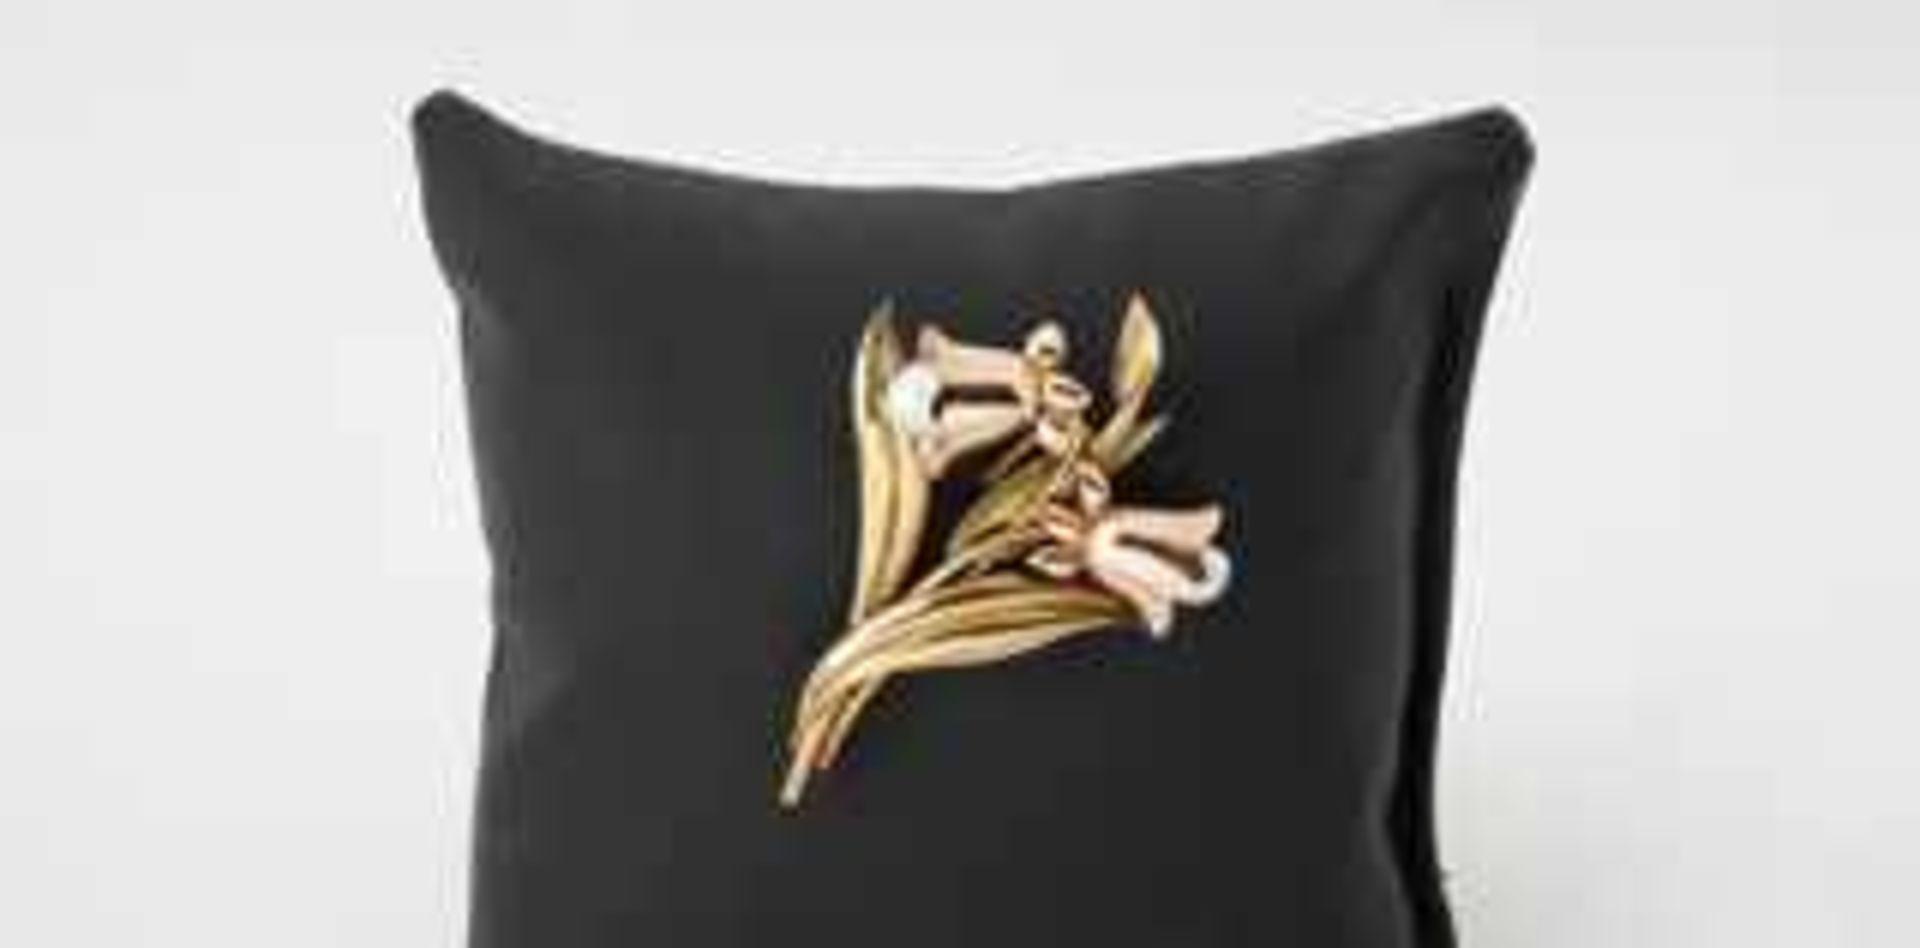 Brosche GlockenblumenGold/Roségold 585, Kulturperlen, plastisch gearbeitet, 10,5g, gebraucht